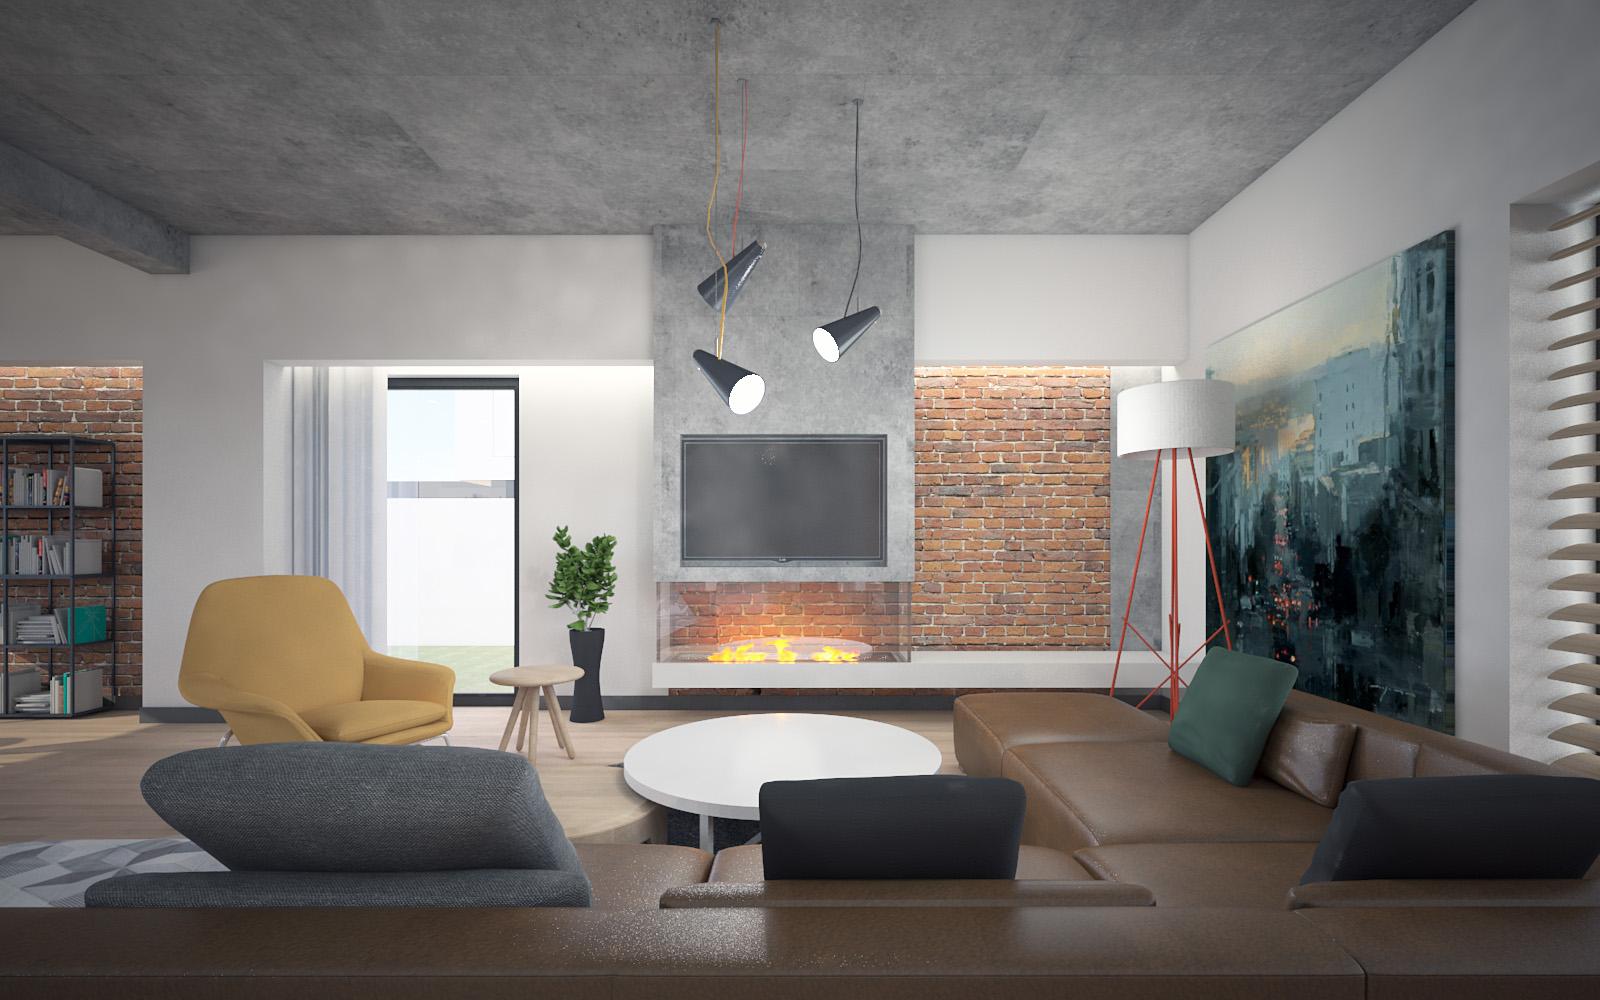 https://nbc-arhitect.ro/wp-content/uploads/2020/10/NBC-Arhitect-_-Arcstil-Residences-_-Romania-_-interior-design-view_1.jpg